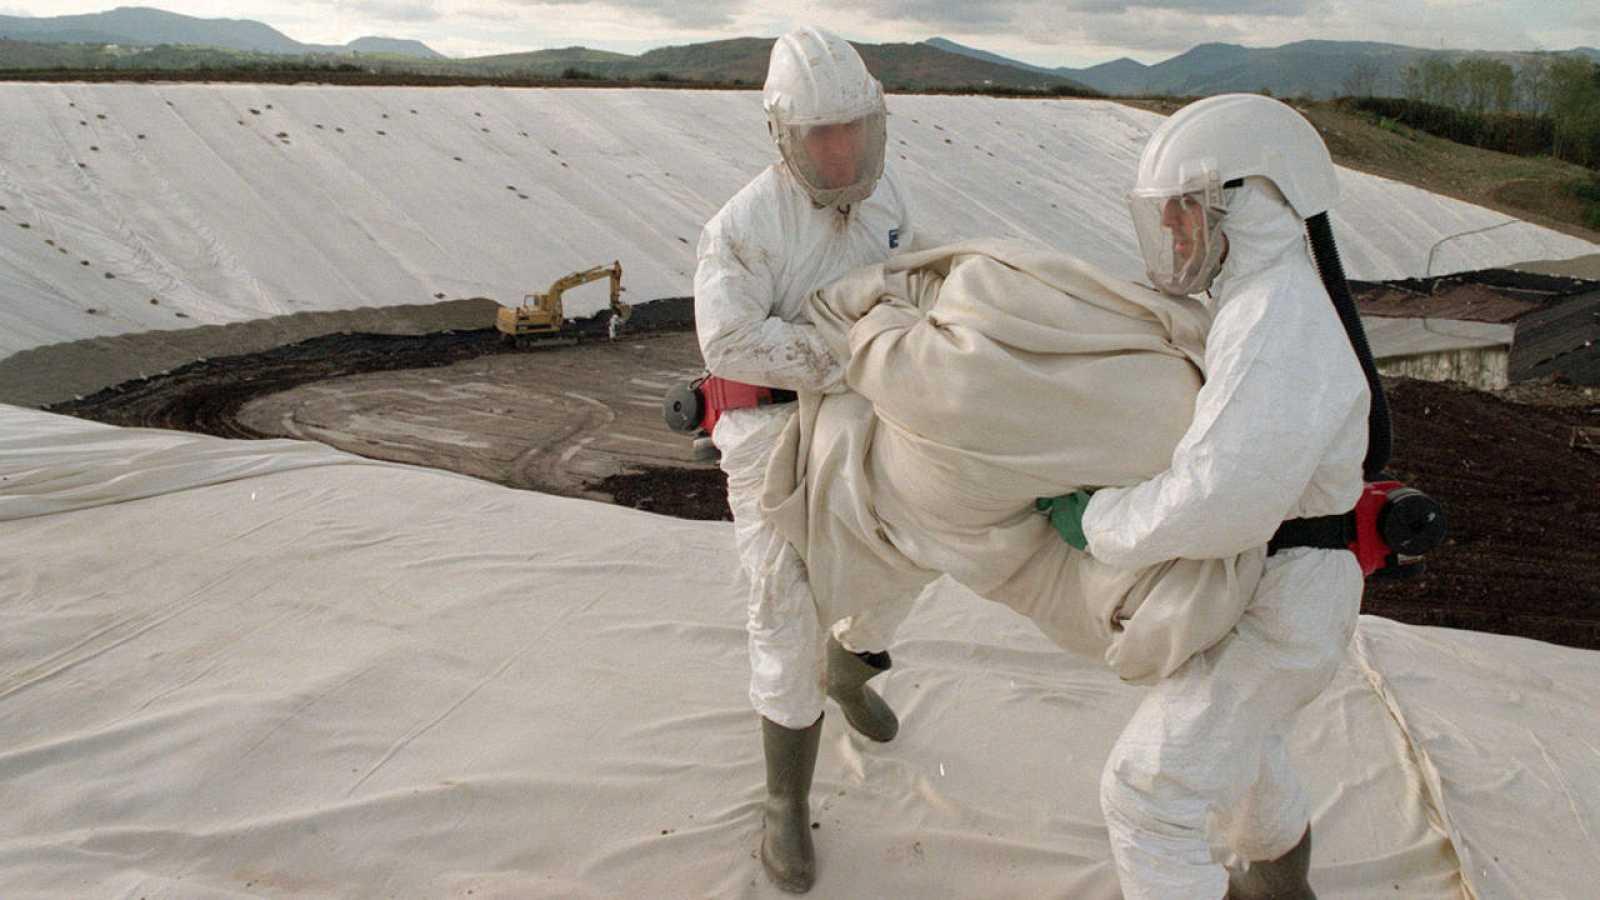 Técnicos construyendo una celda de seguridad para almacenar tierra contaminada con lindano en las obras del aeropuerto de Bilbao en 1997.